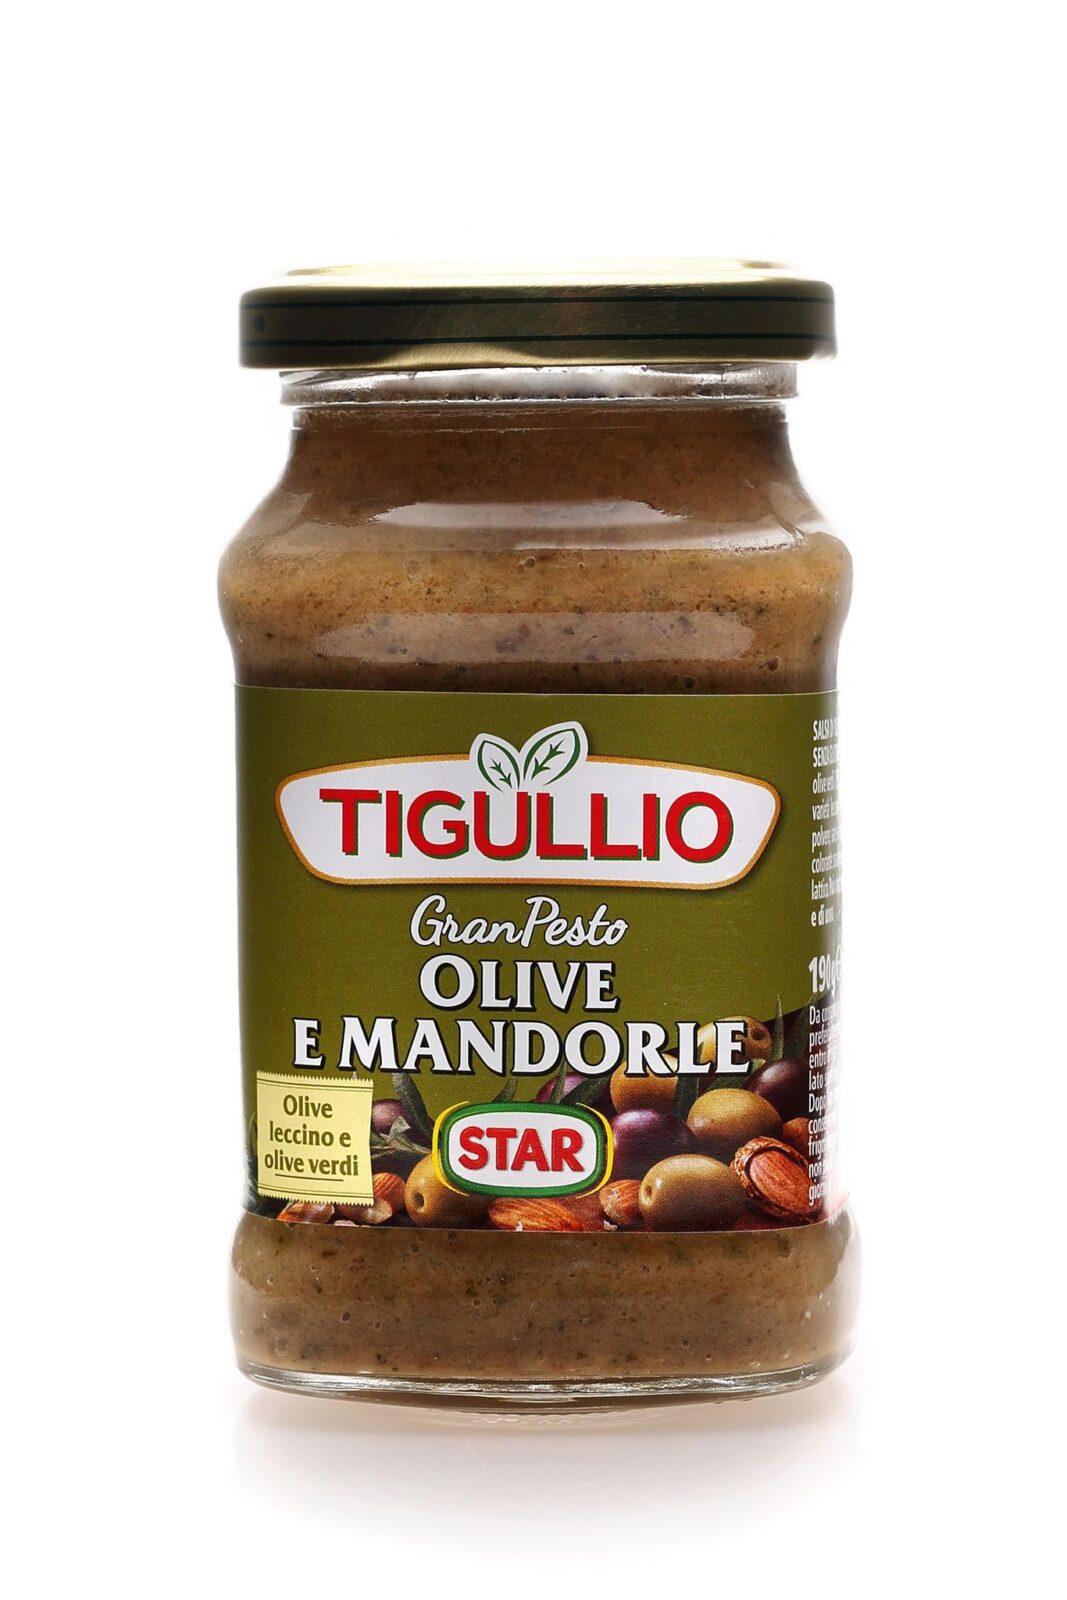 PESTO OLIWKOWE STAR TIGULLIO OLIVE E MANDORLE PESTO 190g